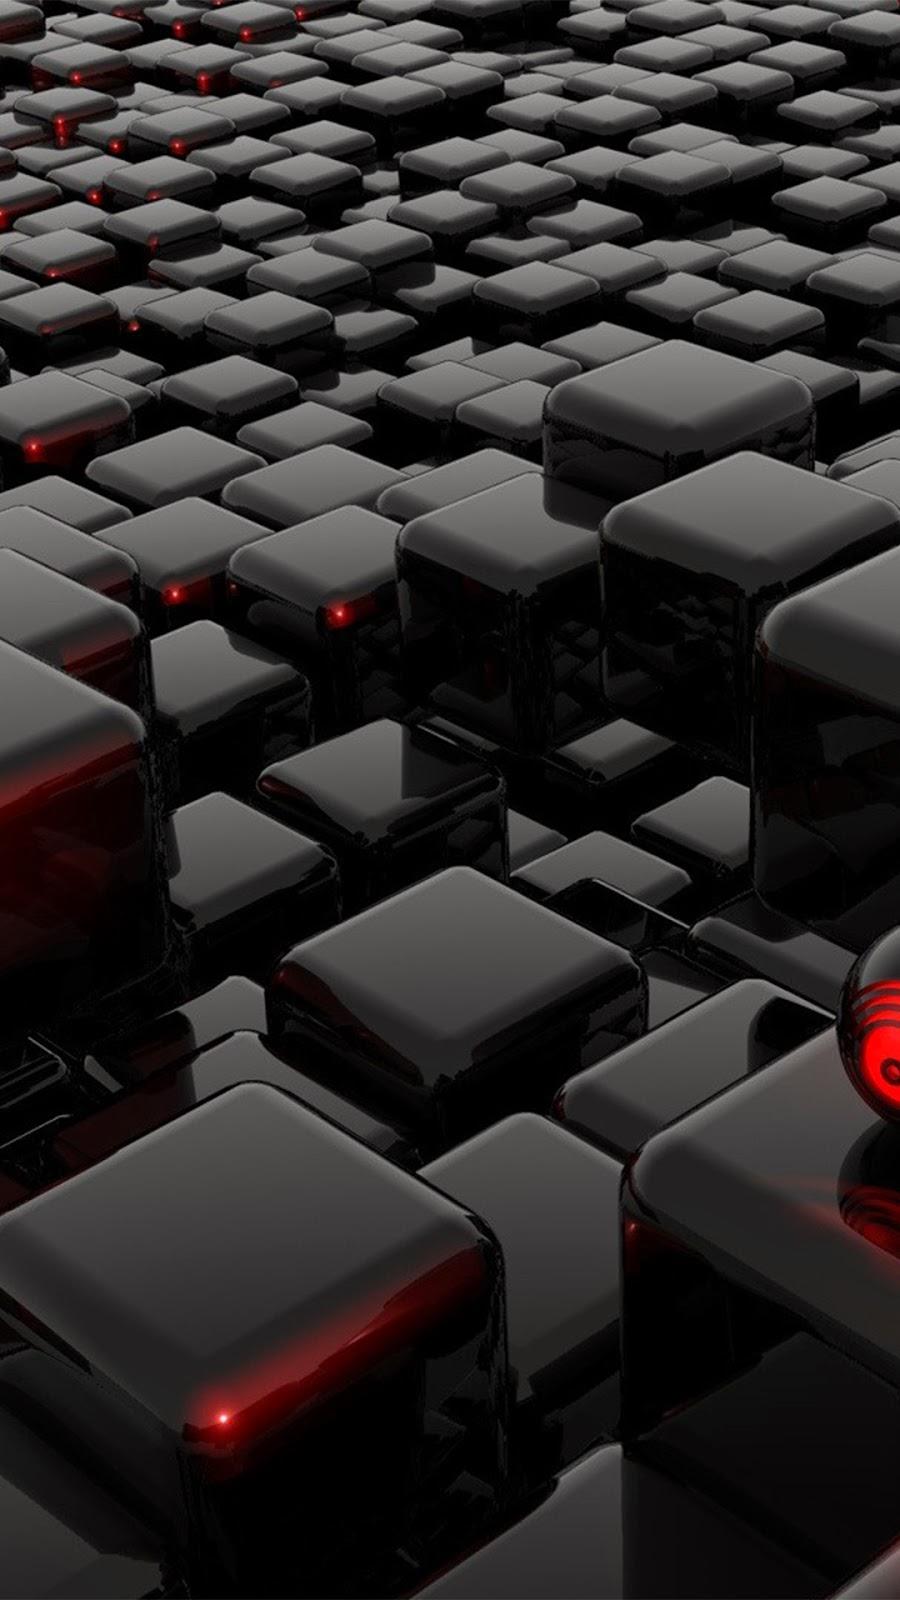 nokia lumia 1020 wallpaper black | blackberry themes